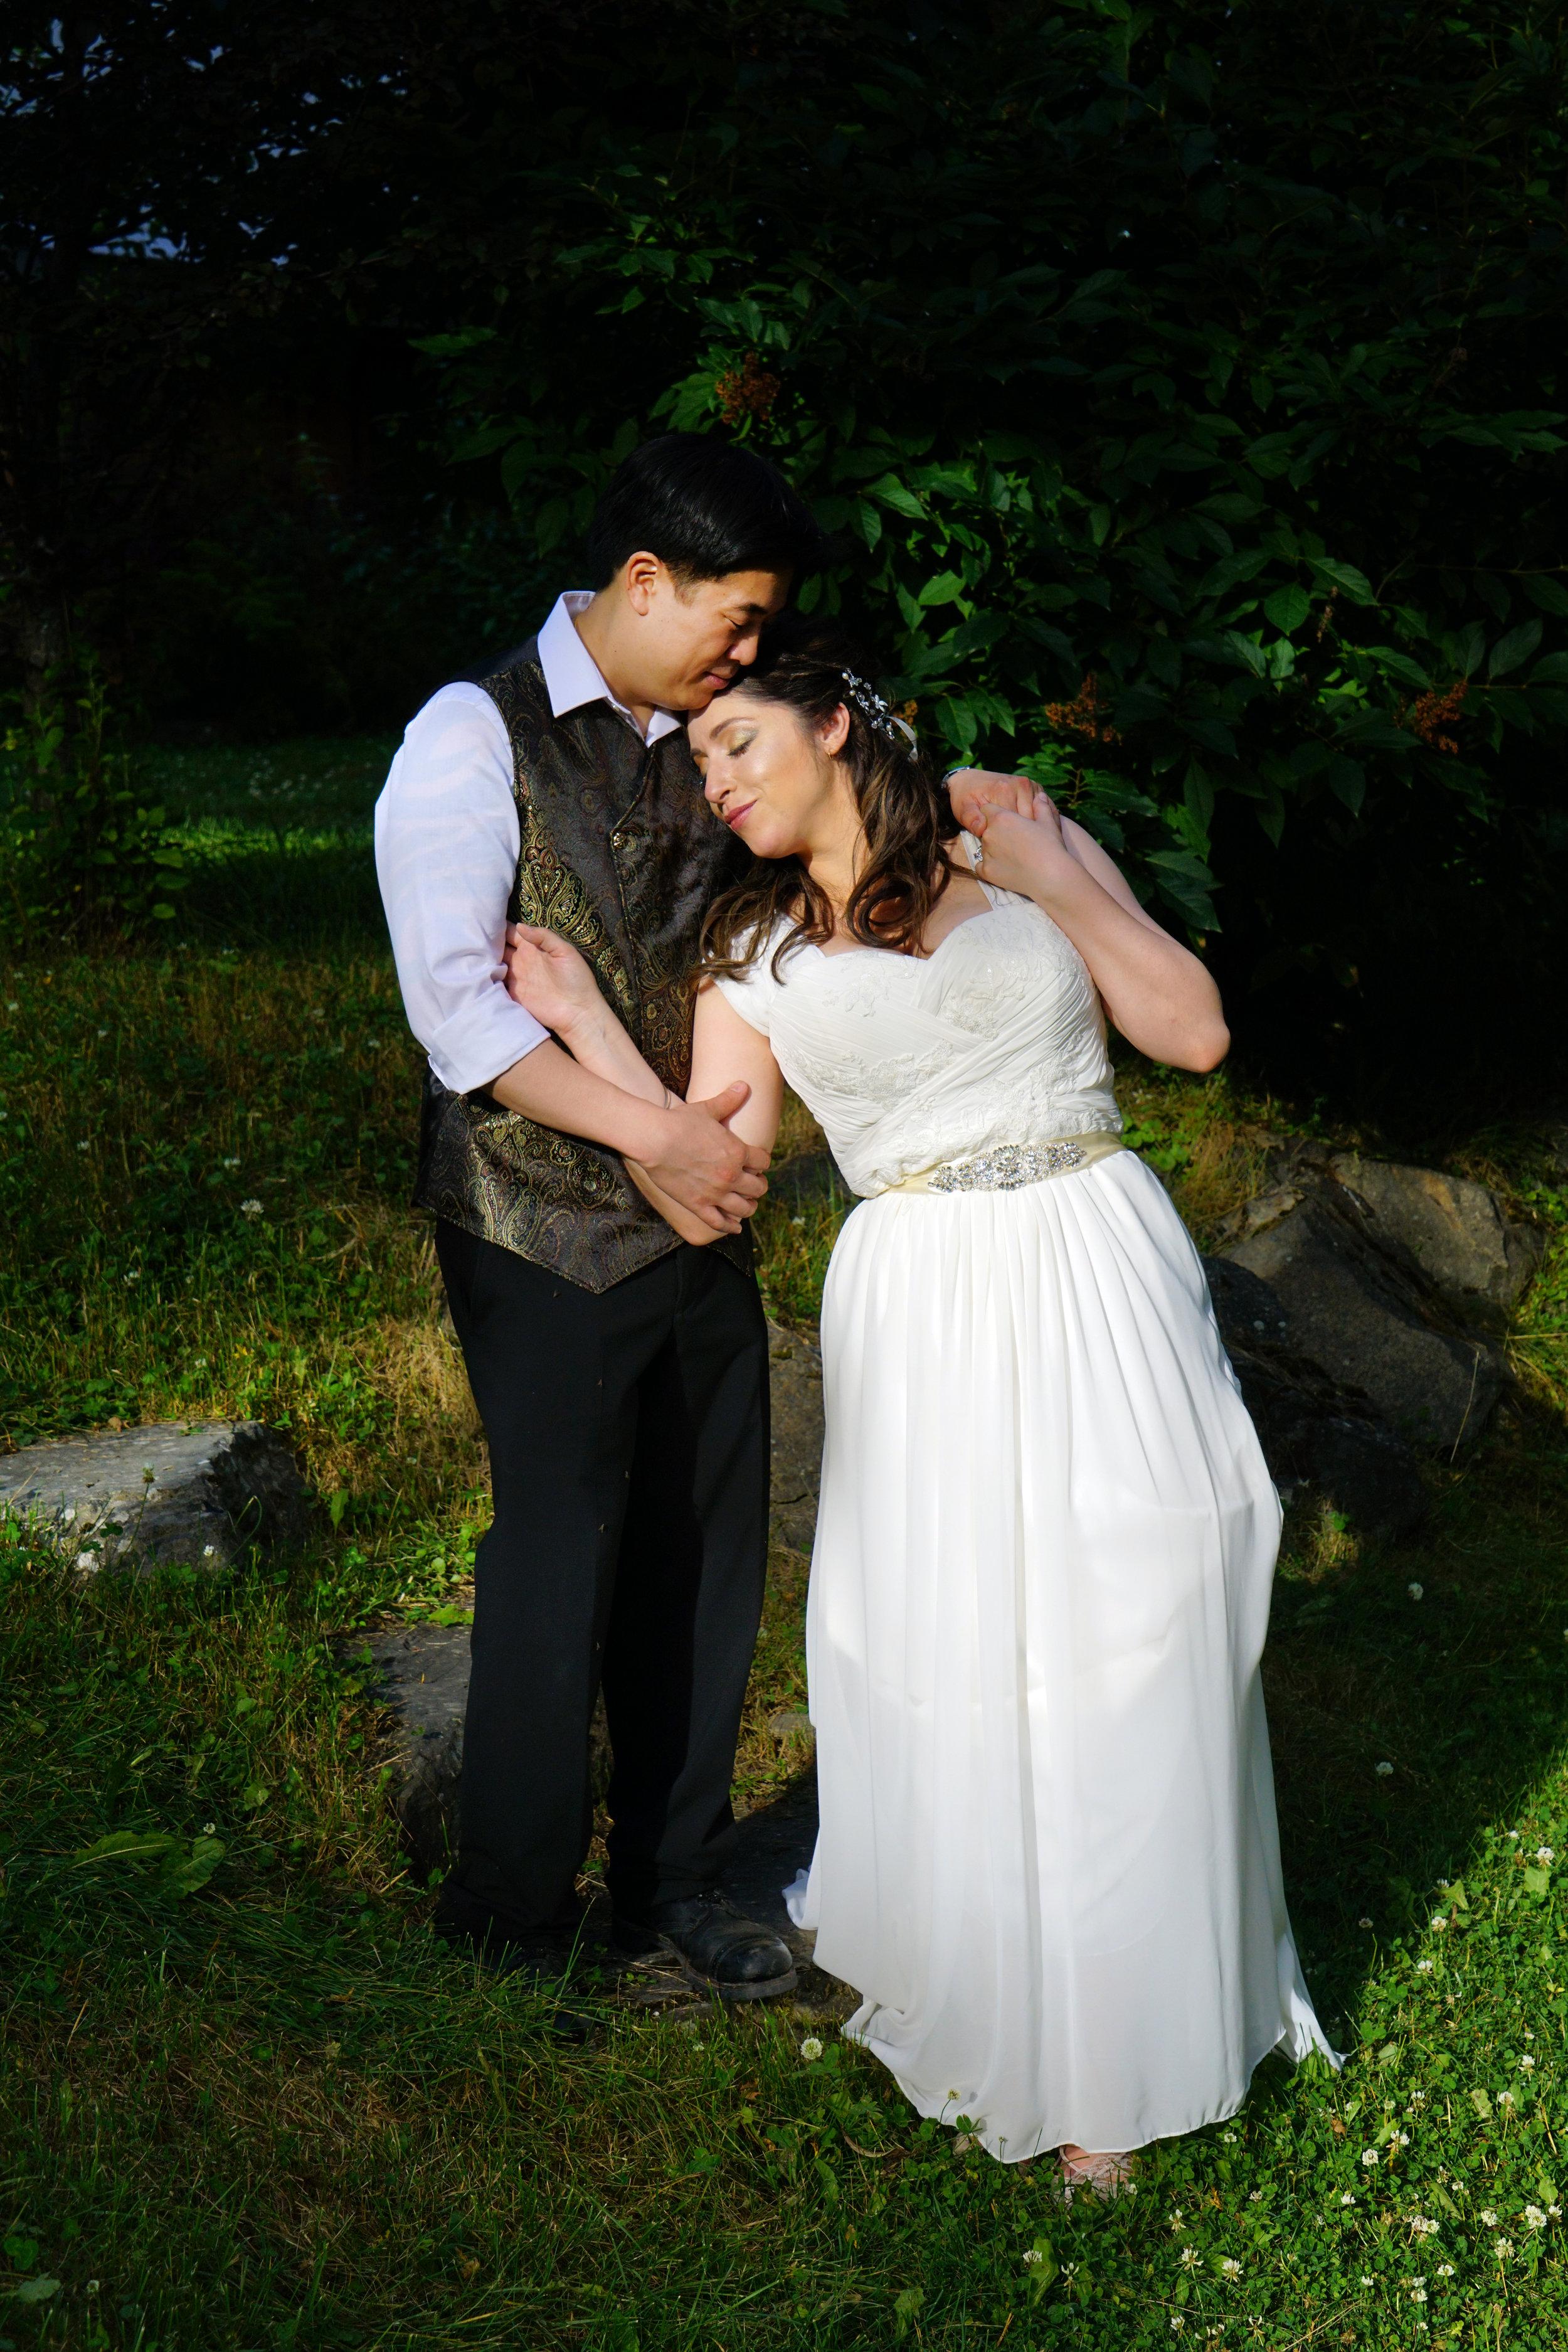 wedding 8 ak.jpg